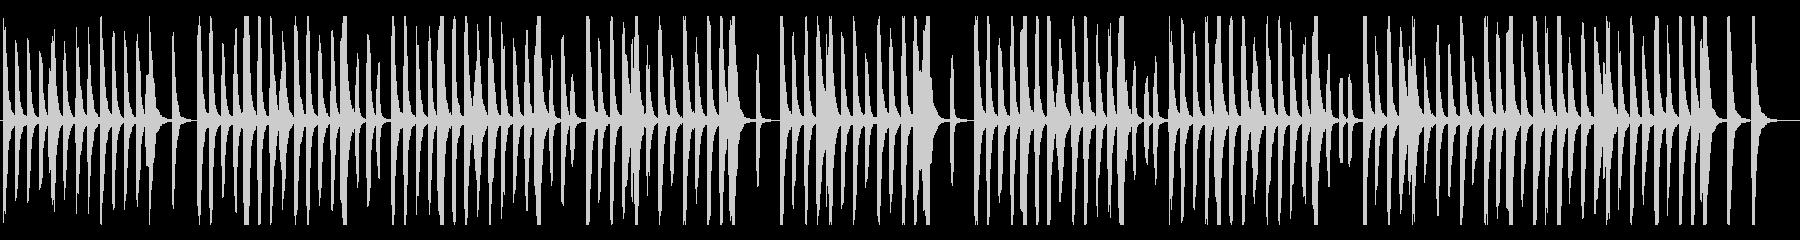 リコーダーとピアノのほのぼの系、子供bの未再生の波形